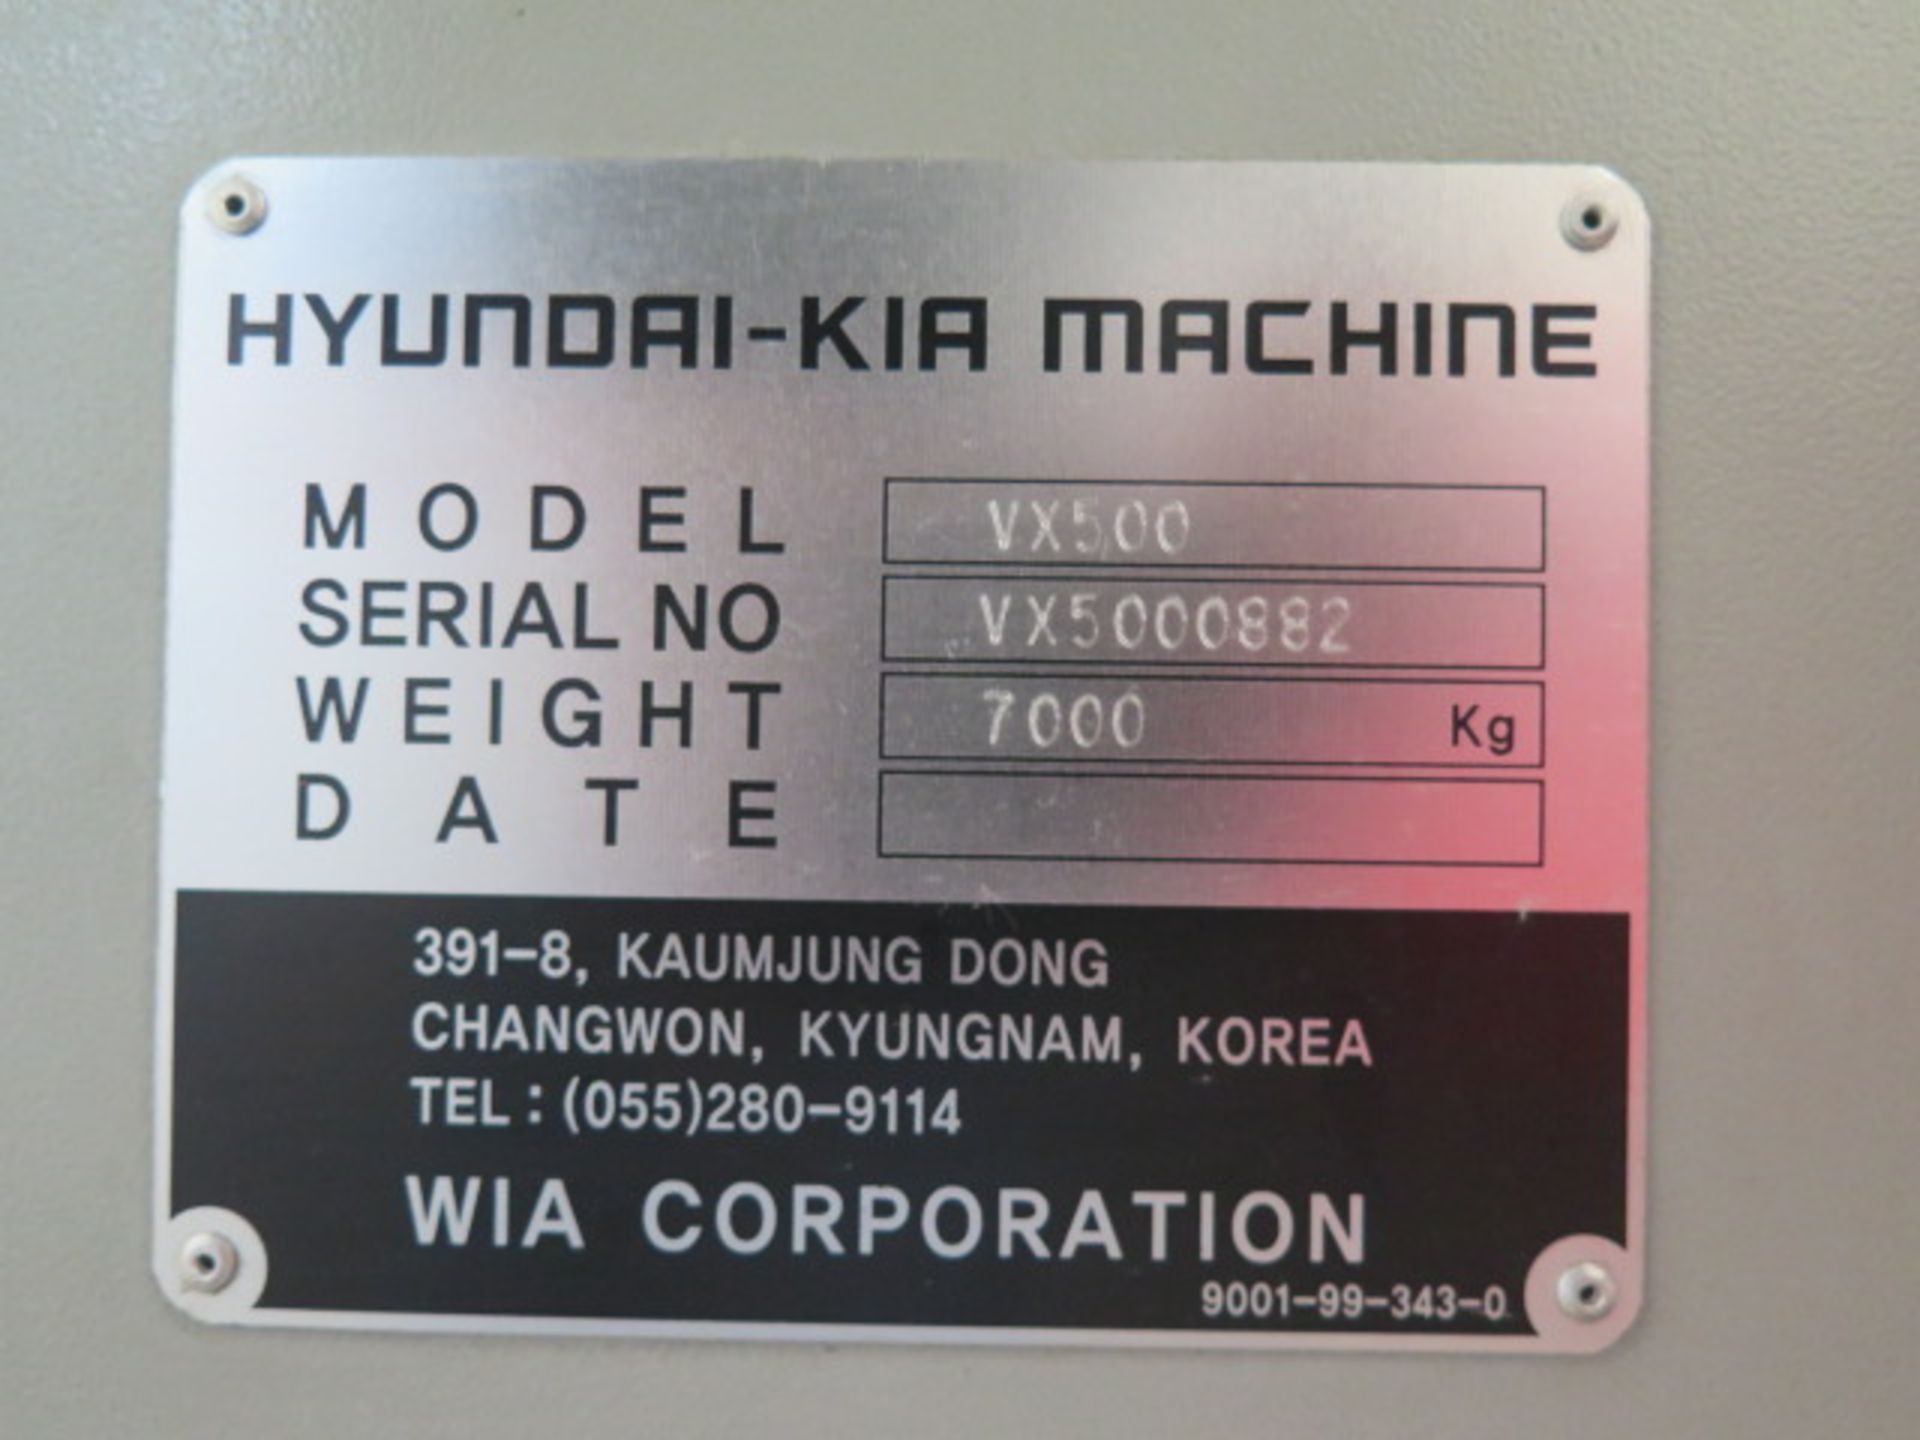 2004 Hyundai WIA VX500 4-Axis CNC VMC s/n VX5000882 w/ Hyundai WIA Fanuc i- Series, SOLD AS IS - Image 23 of 23